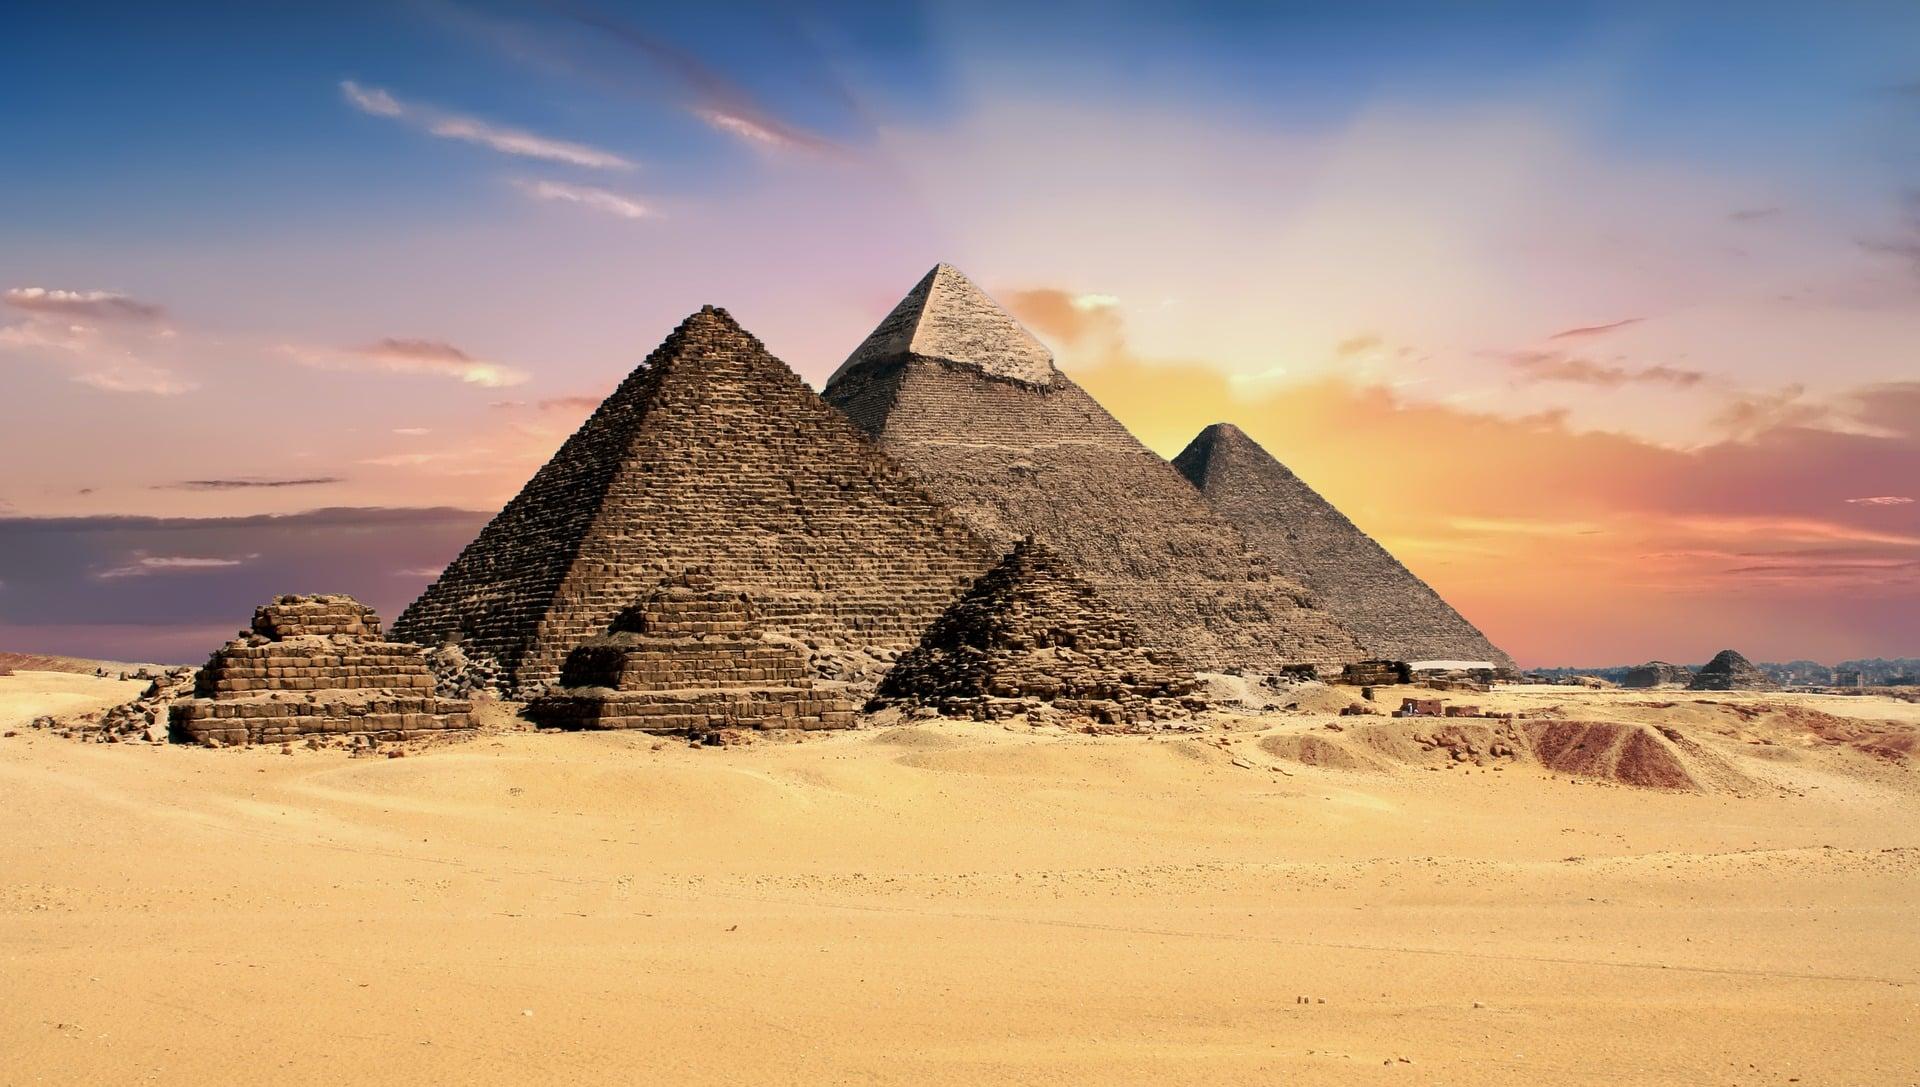 Toutanka Tube 2: Cinq choses mystérieuses que vous ne savez pas sur Toutânkhamon